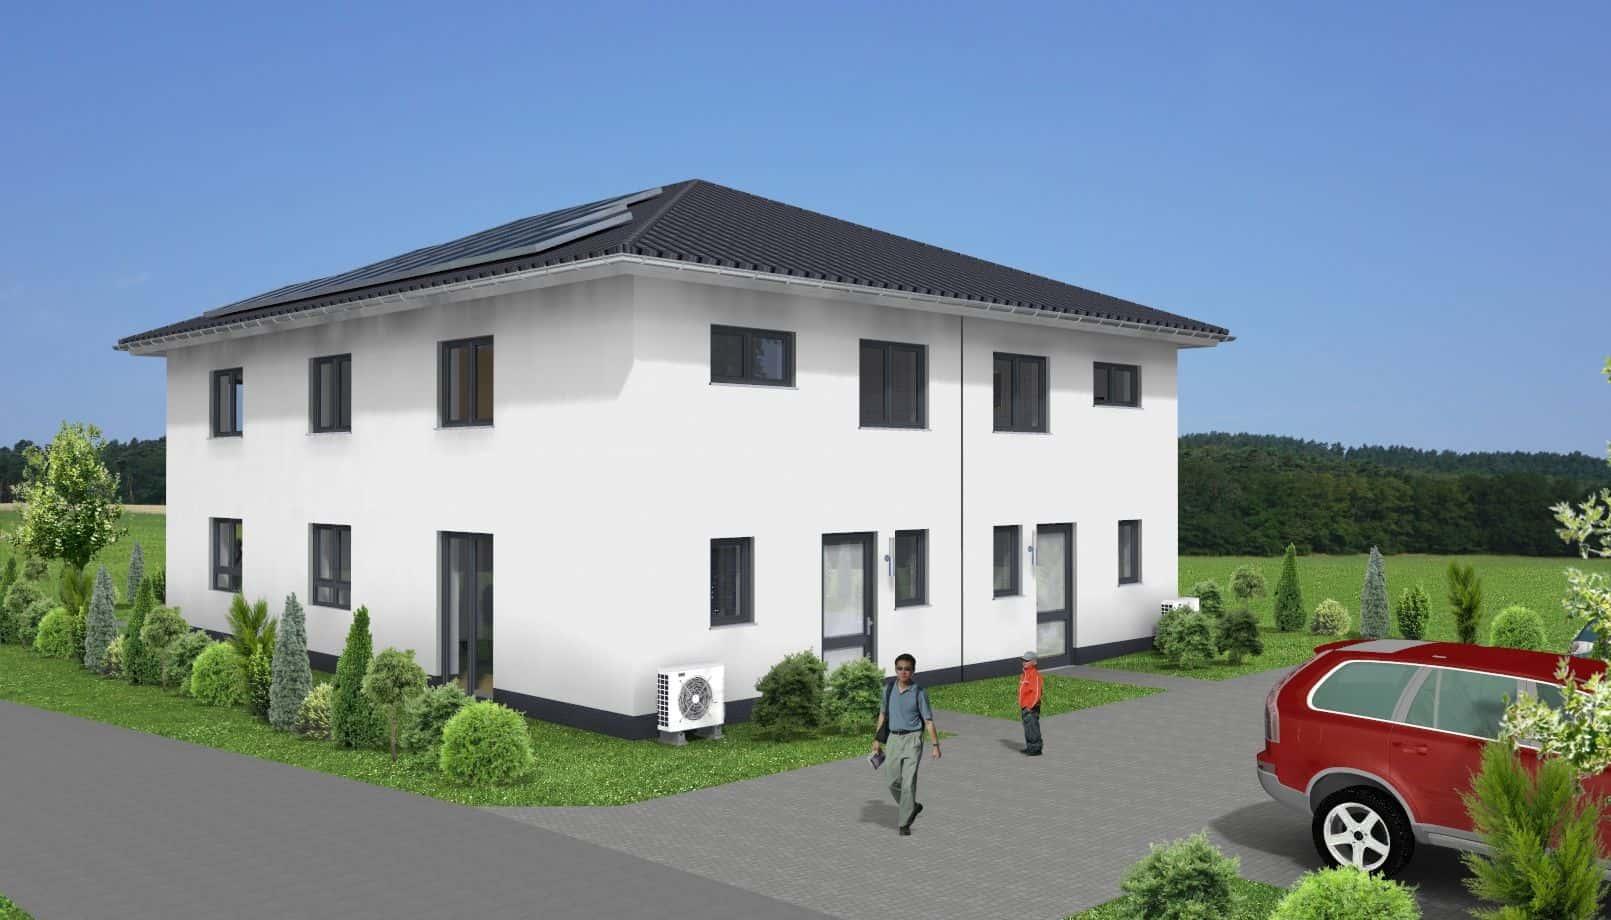 Stadtvilla-Doppelhaushälfte in 36043 Fulda